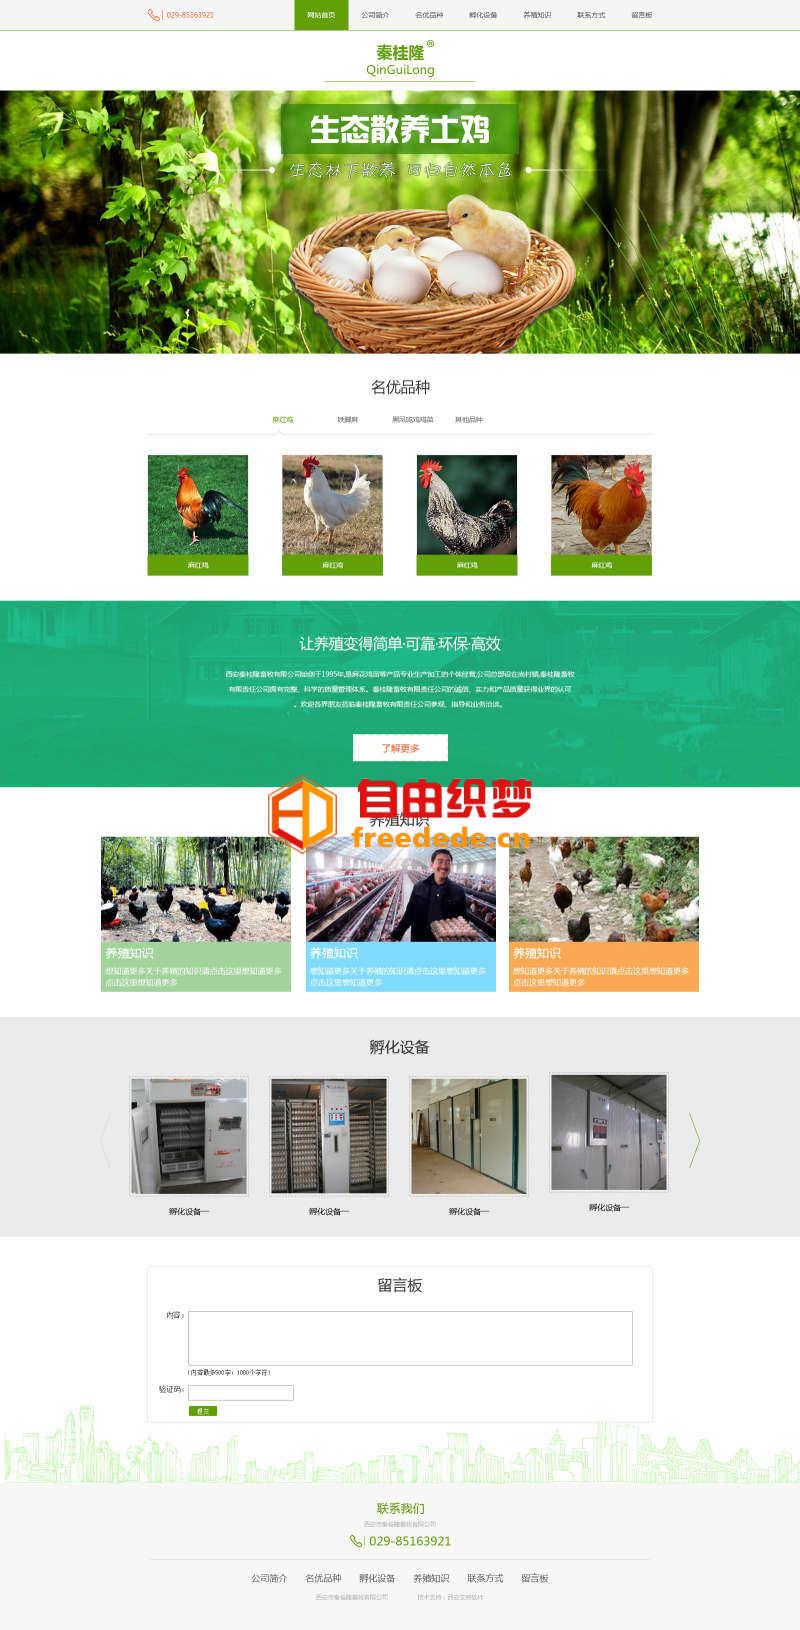 爱上源码网文章绿色扁平风格的养鸡养殖场企业设计模板的内容插图